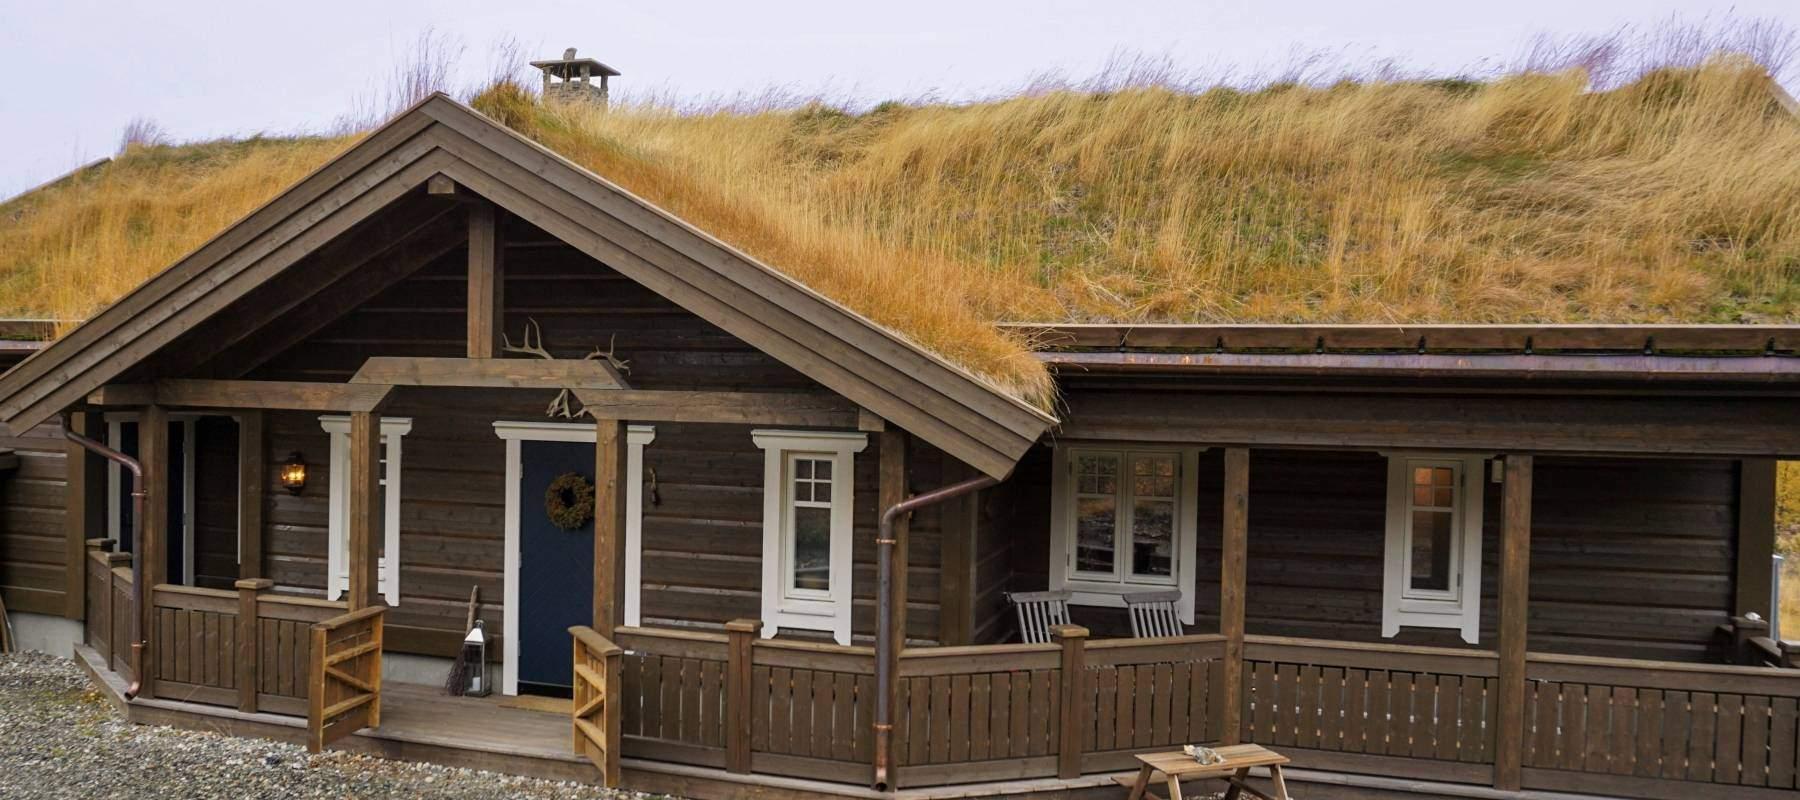 19 Hytteleverandor – Tiurtoppen Hytter Inspirasjon hytte pa Gålå